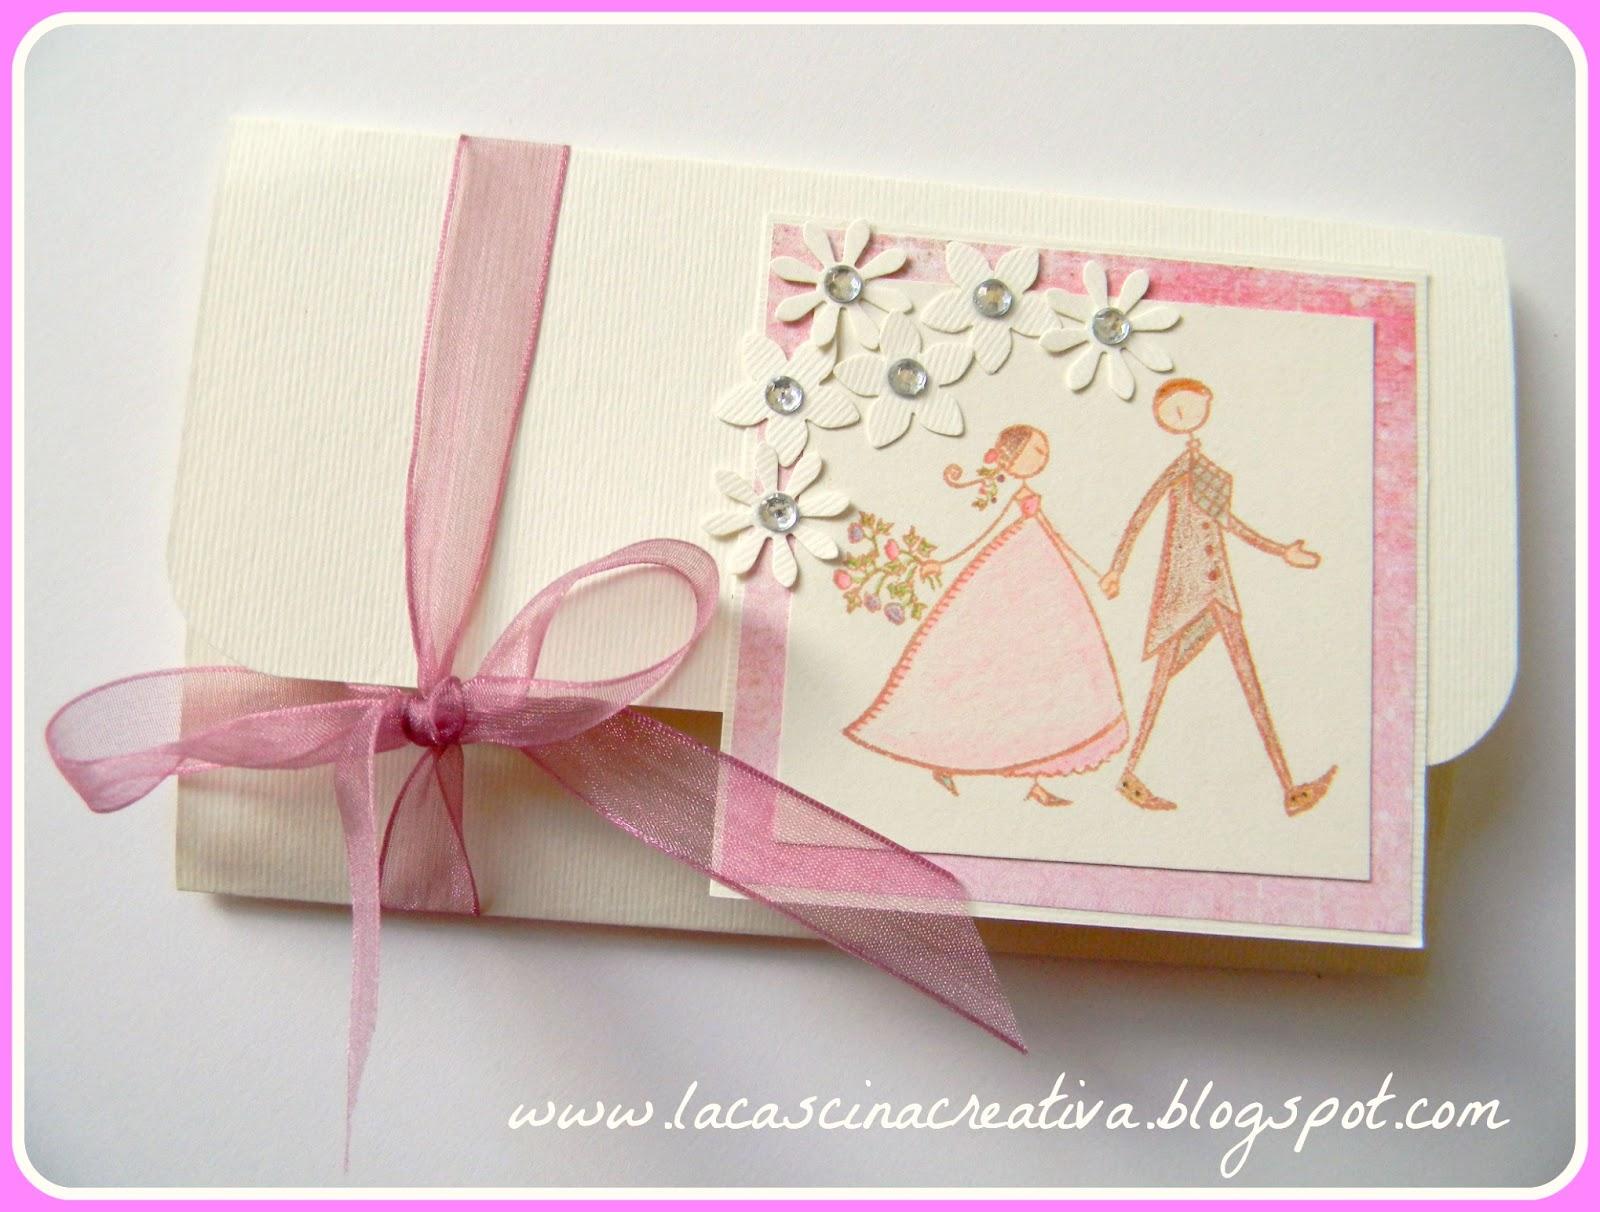 Famoso la cascina creativa: Card matrimonio con tasca porta soldi OI55